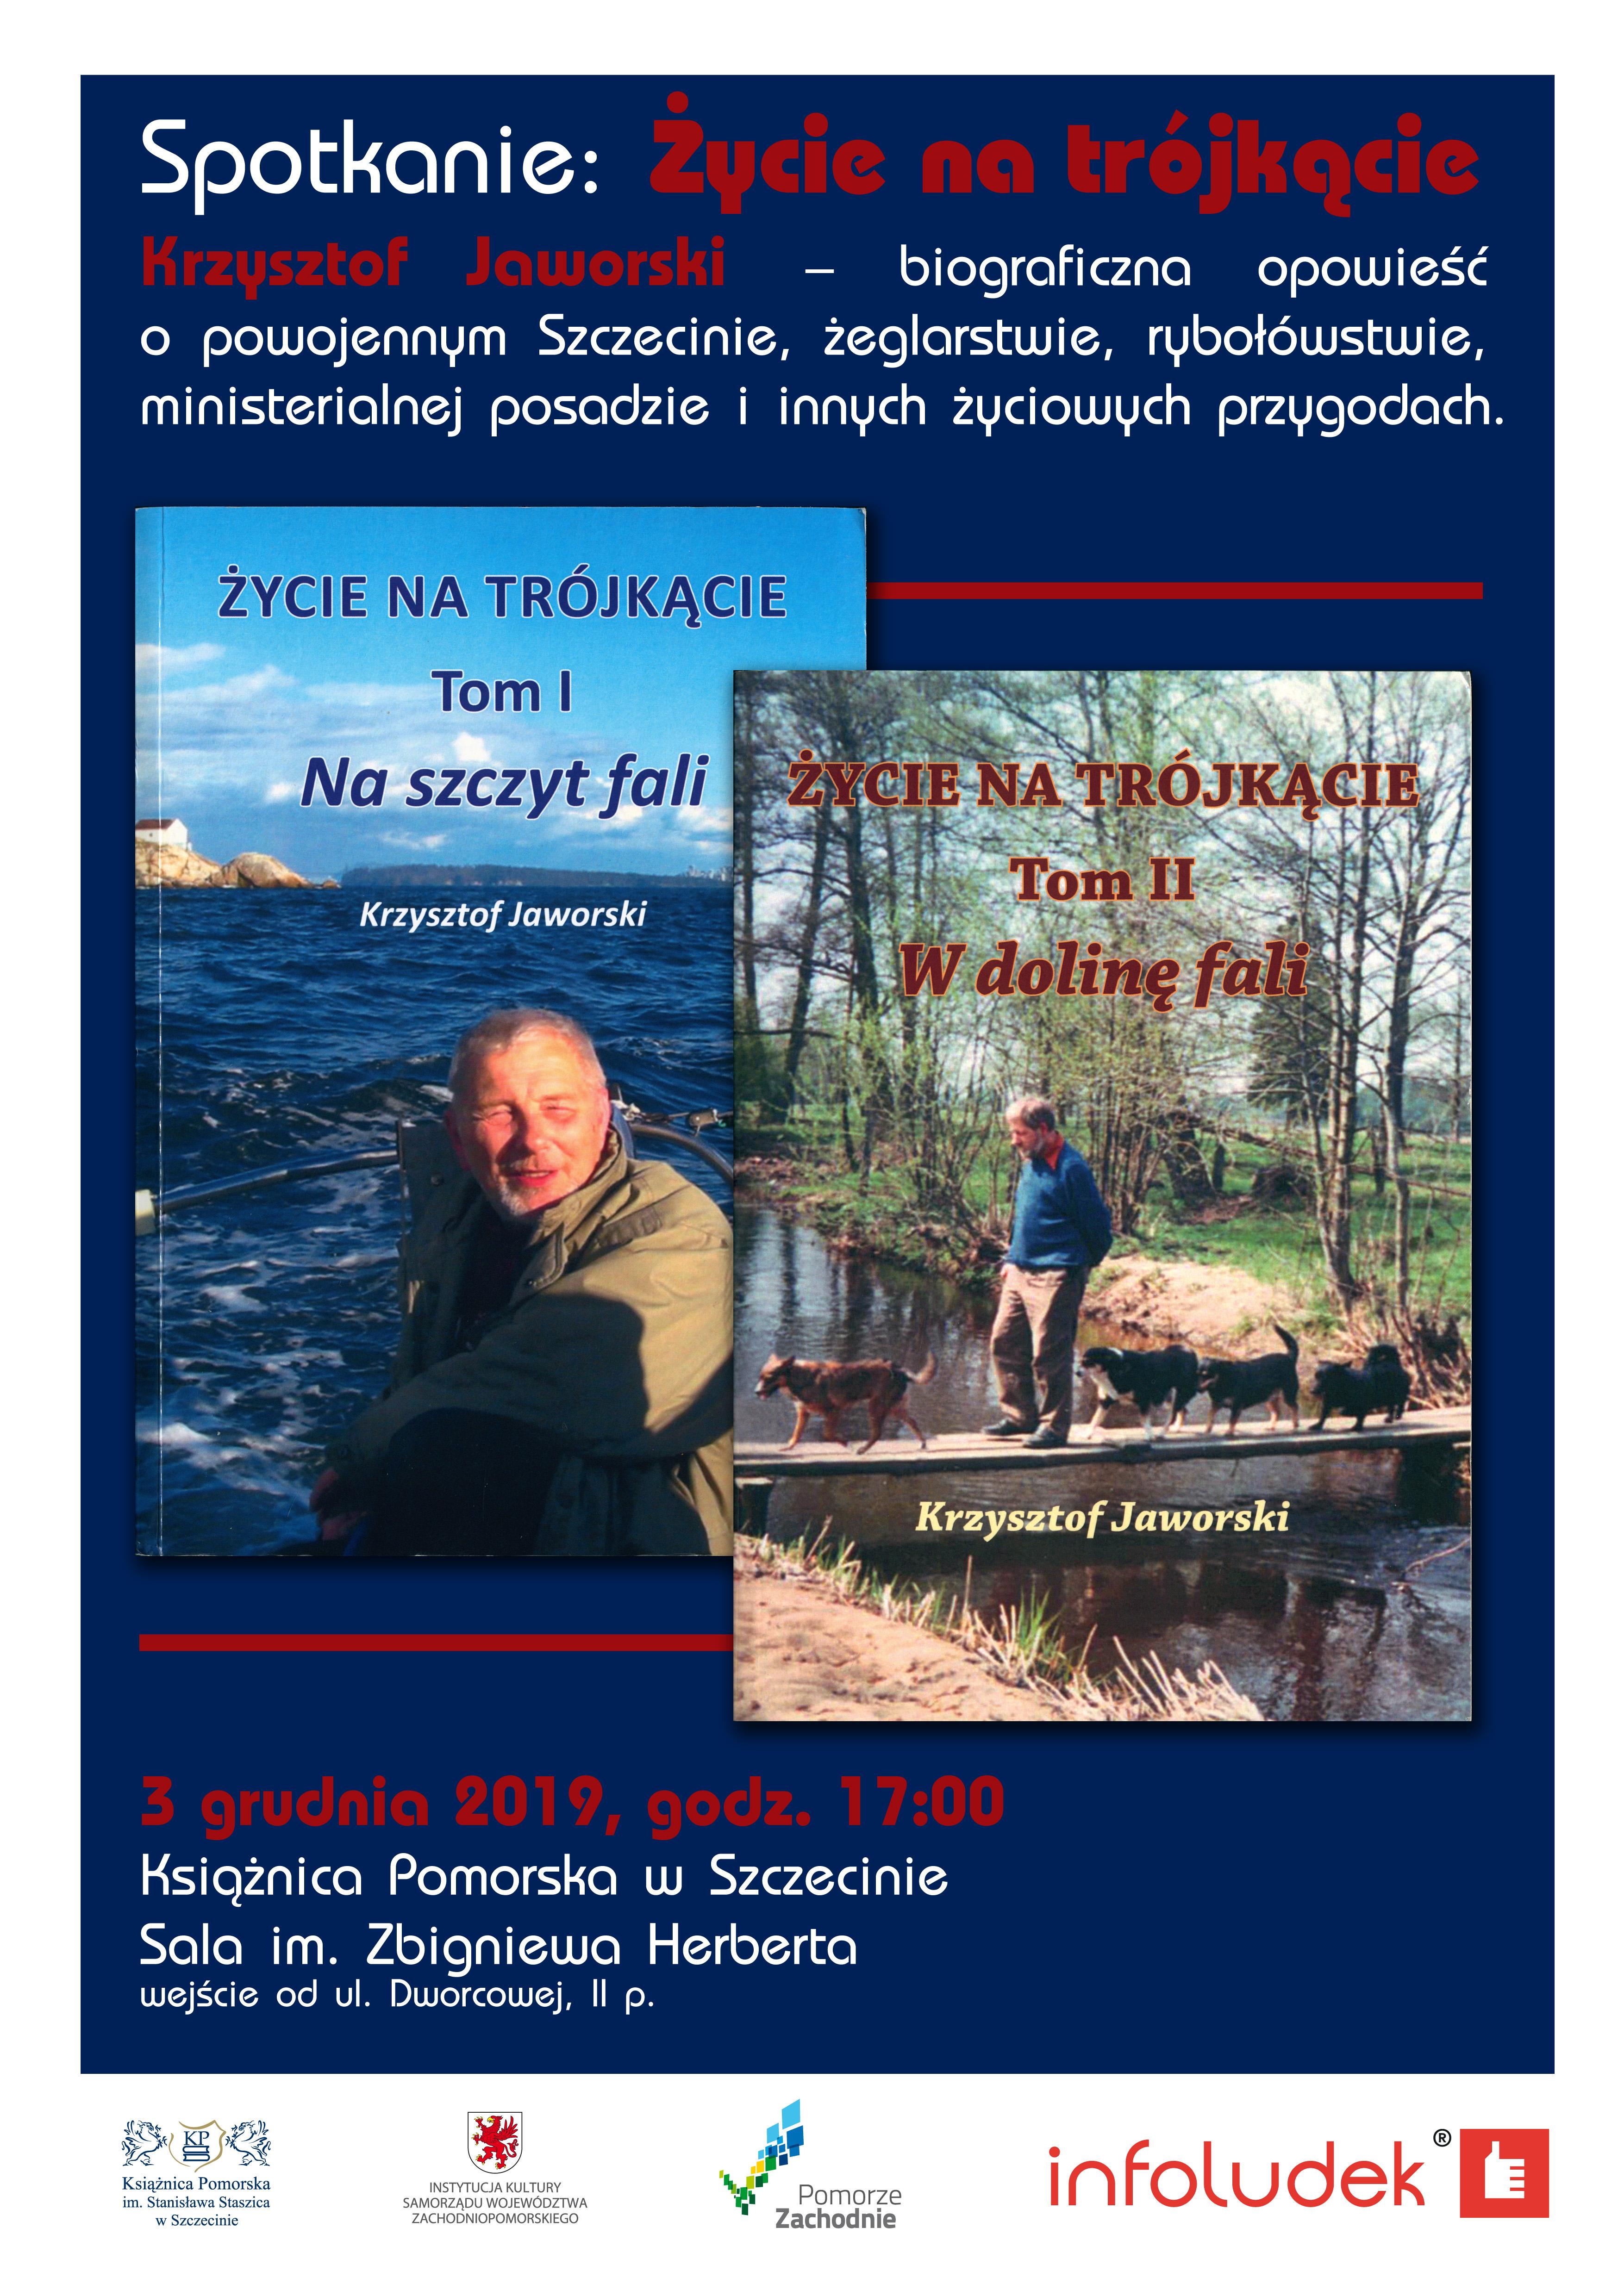 Spotkanie autorskie z Krzysztofem Jaworskim